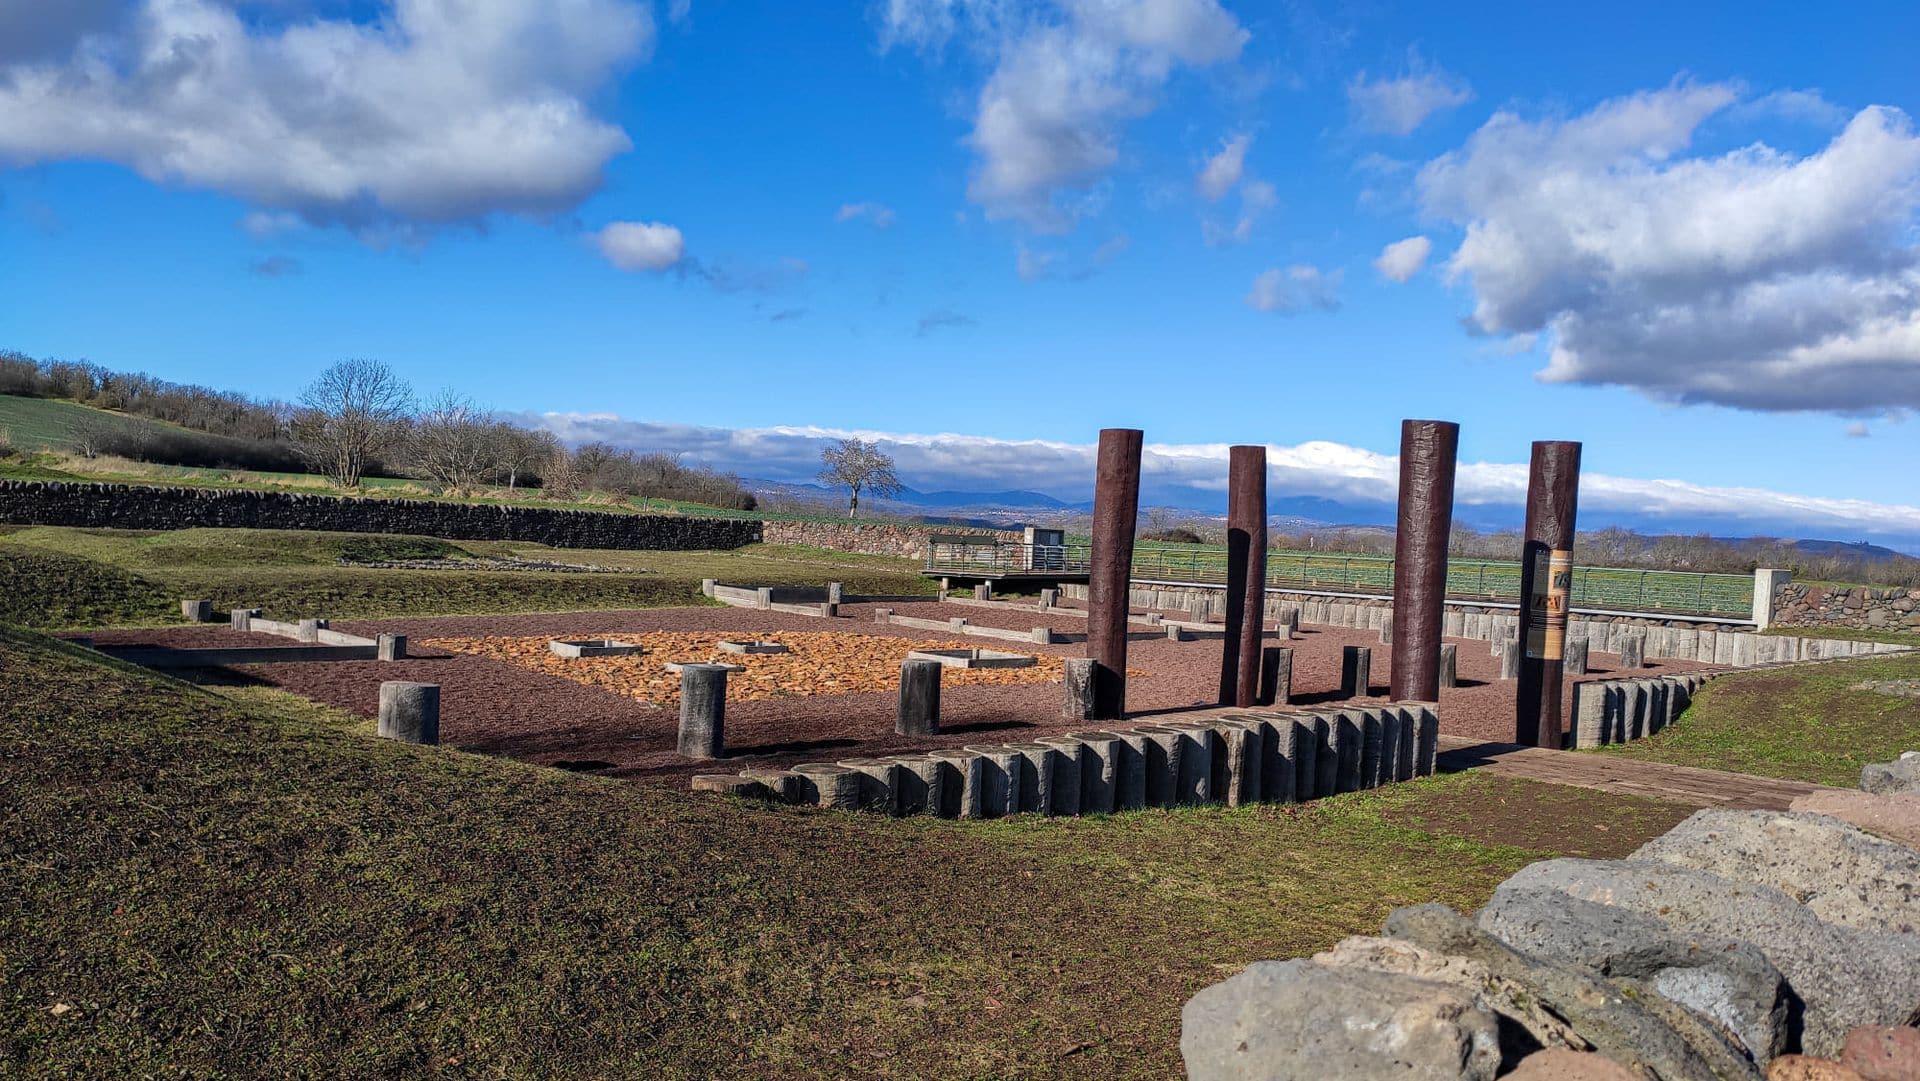 Sur les traces des Gaulois : le Plateau de Corent, un site archéologique exceptionnel en Auvergne